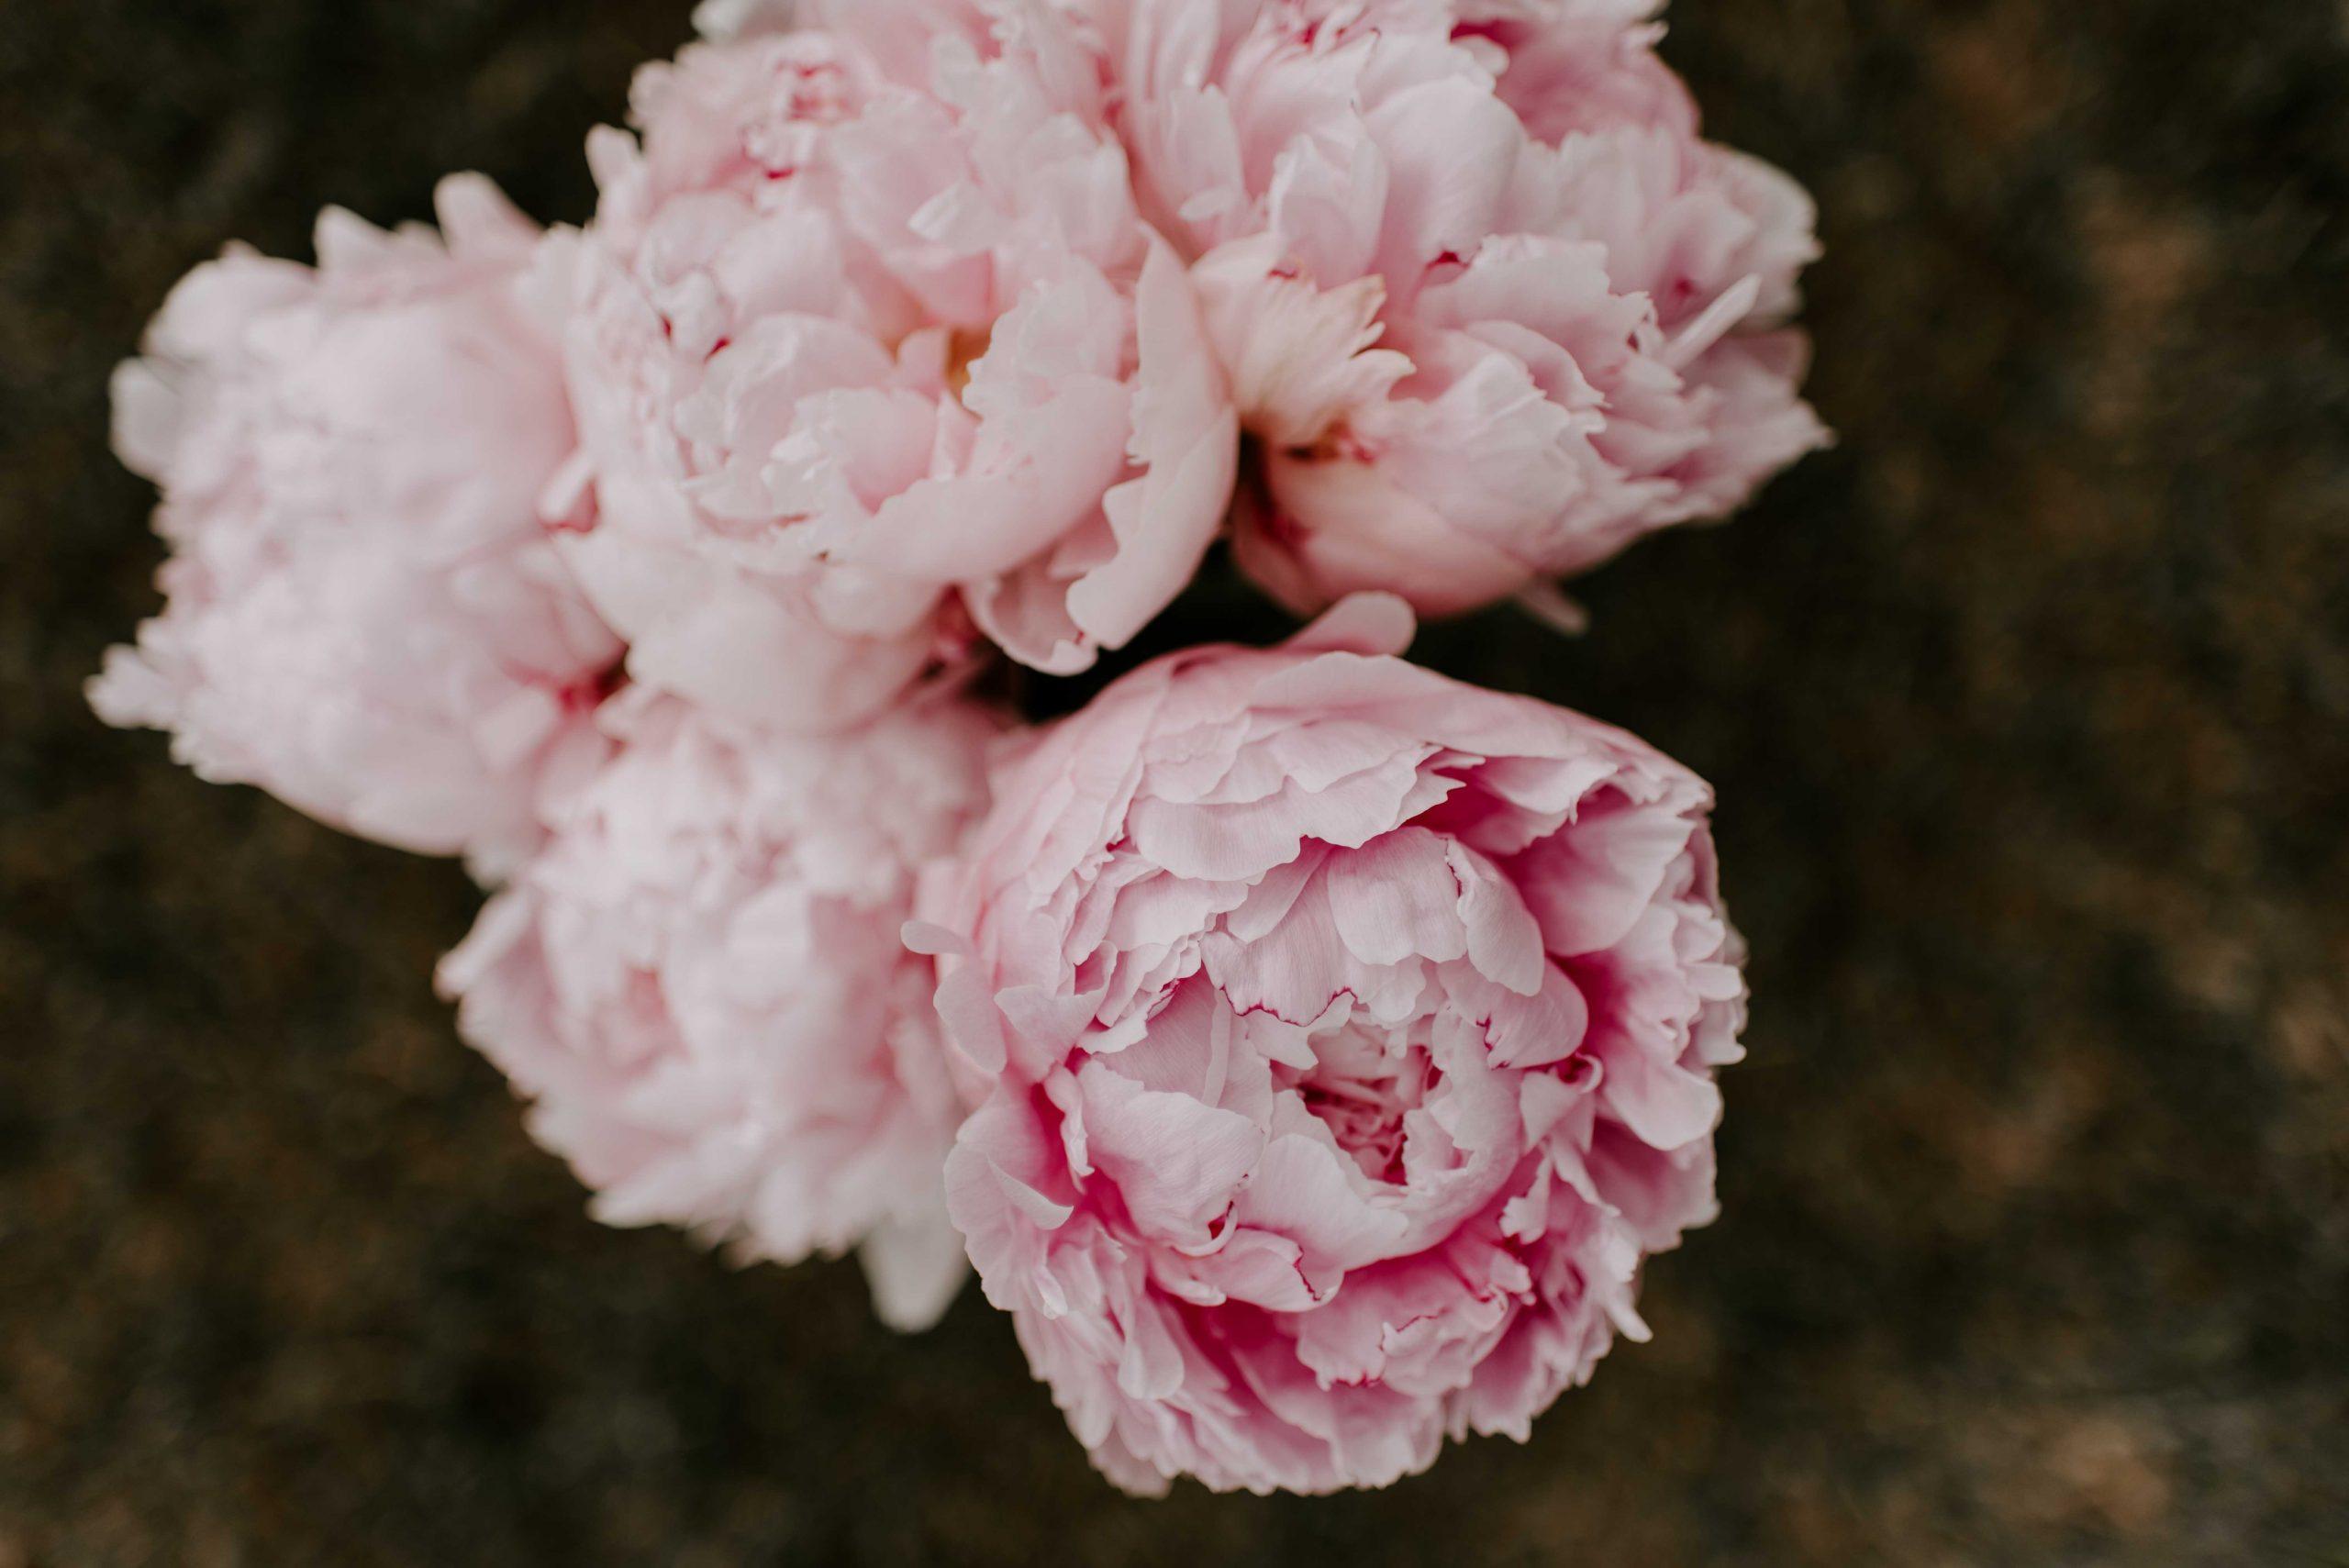 Bouquet of Pink Peonies HD Wallpaper